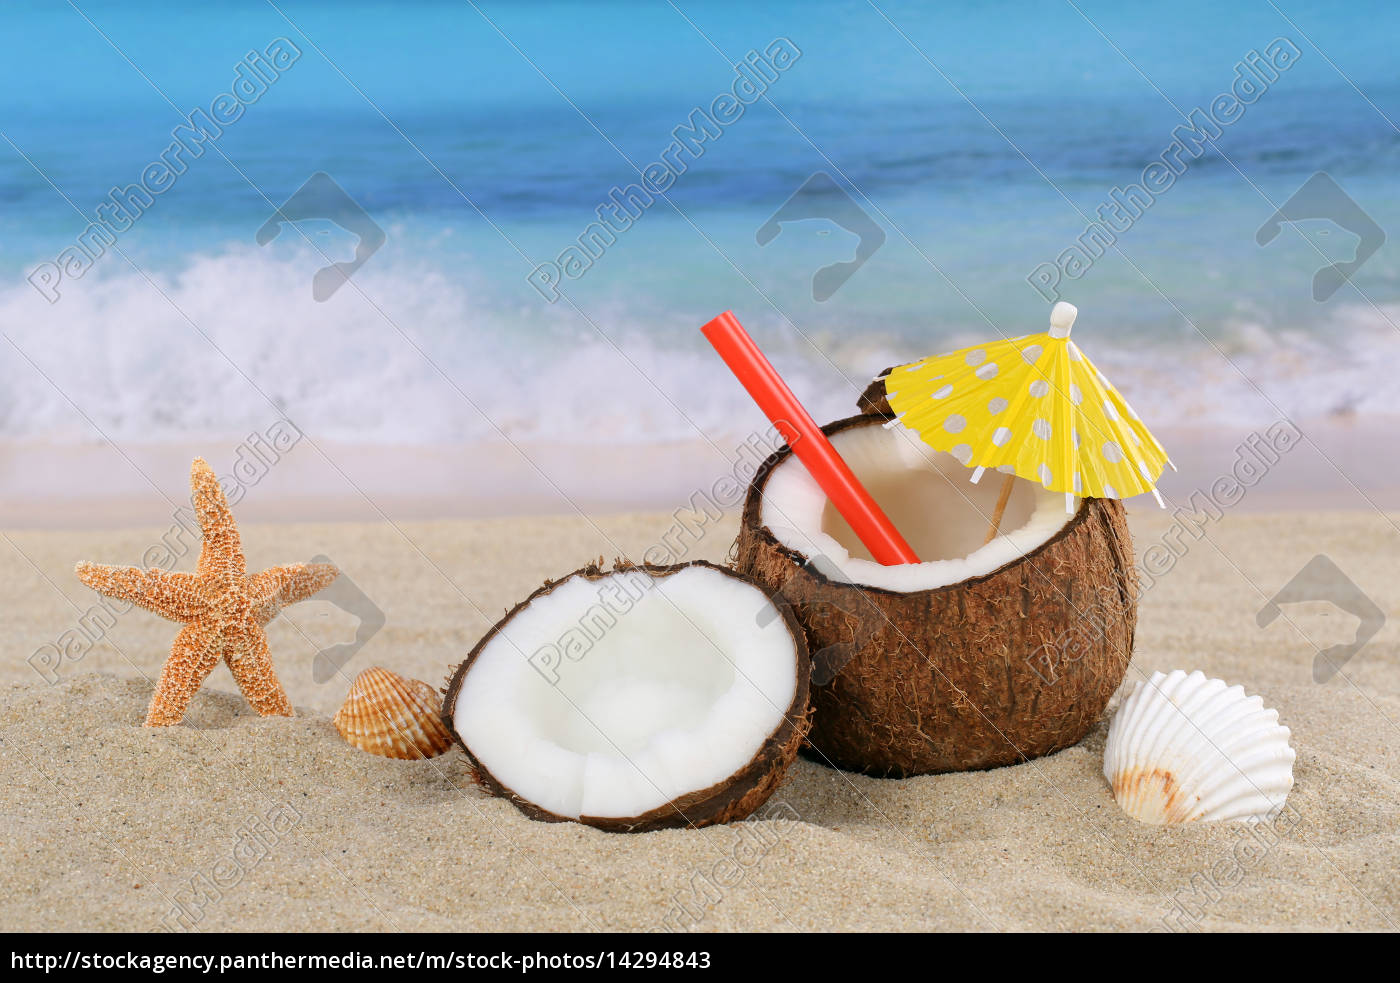 kokosnuss frucht cocktail drink im sommer am meer und lizenzfreies bild 14294843. Black Bedroom Furniture Sets. Home Design Ideas